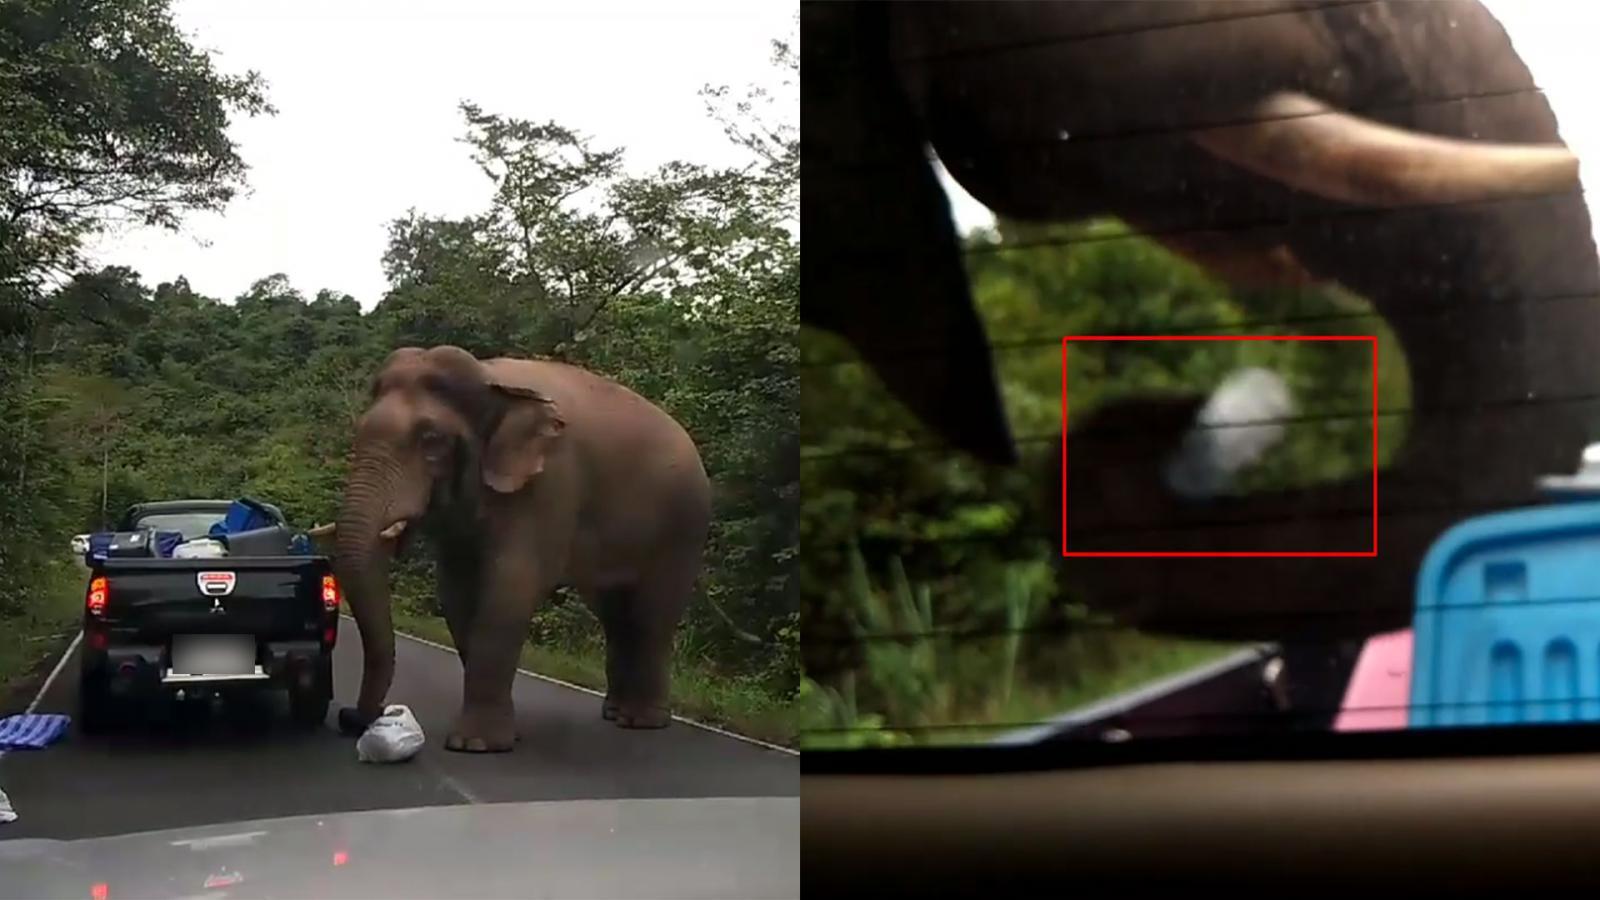 เผยคลิปช้างป่าเขาใหญ่ ดักค้นรถหาของกิน ชาวเน็ตเสียงแตกควรจอด หรือขับหนี?